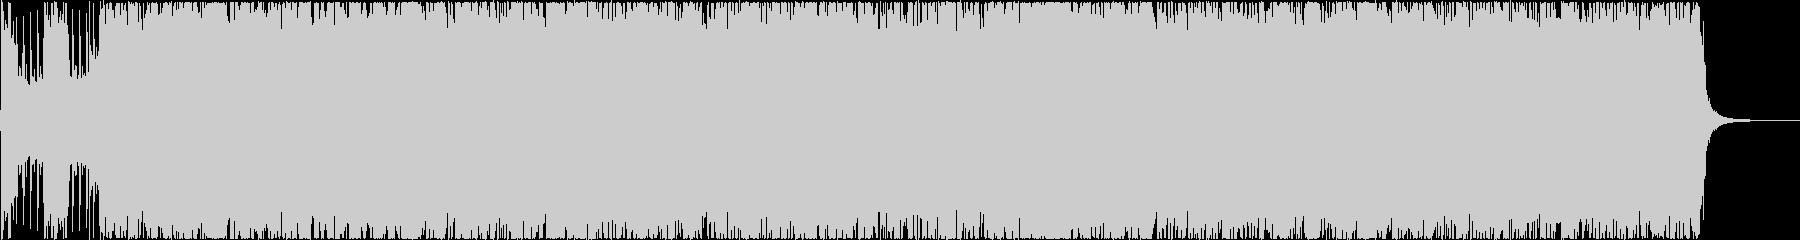 メロディックメタル風熱いインスト楽曲の未再生の波形